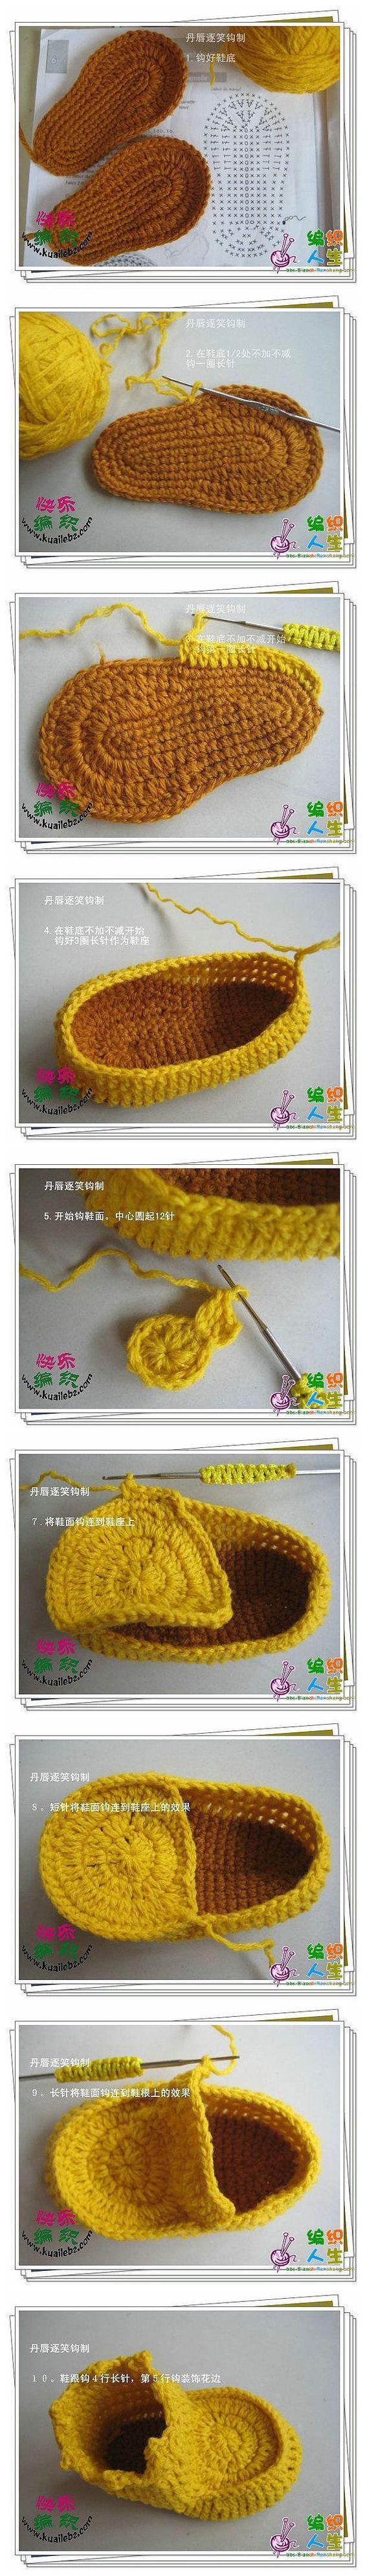 adorable crochet booties tutorial!: